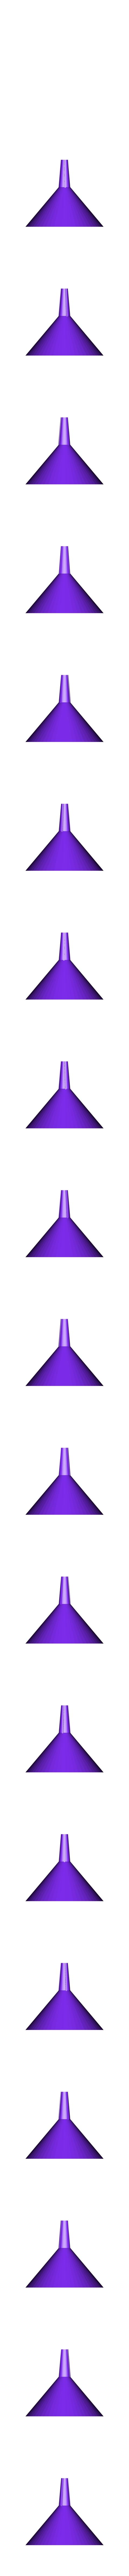 small-funnel.STL Download free STL file Small funnel • 3D print design, Scorpa54